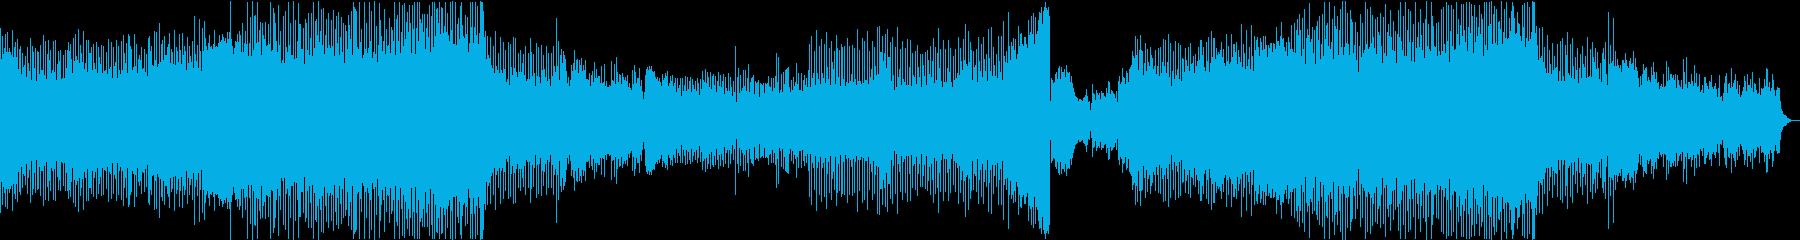 ピアノ EDM 華やか 美メロ スポーツの再生済みの波形